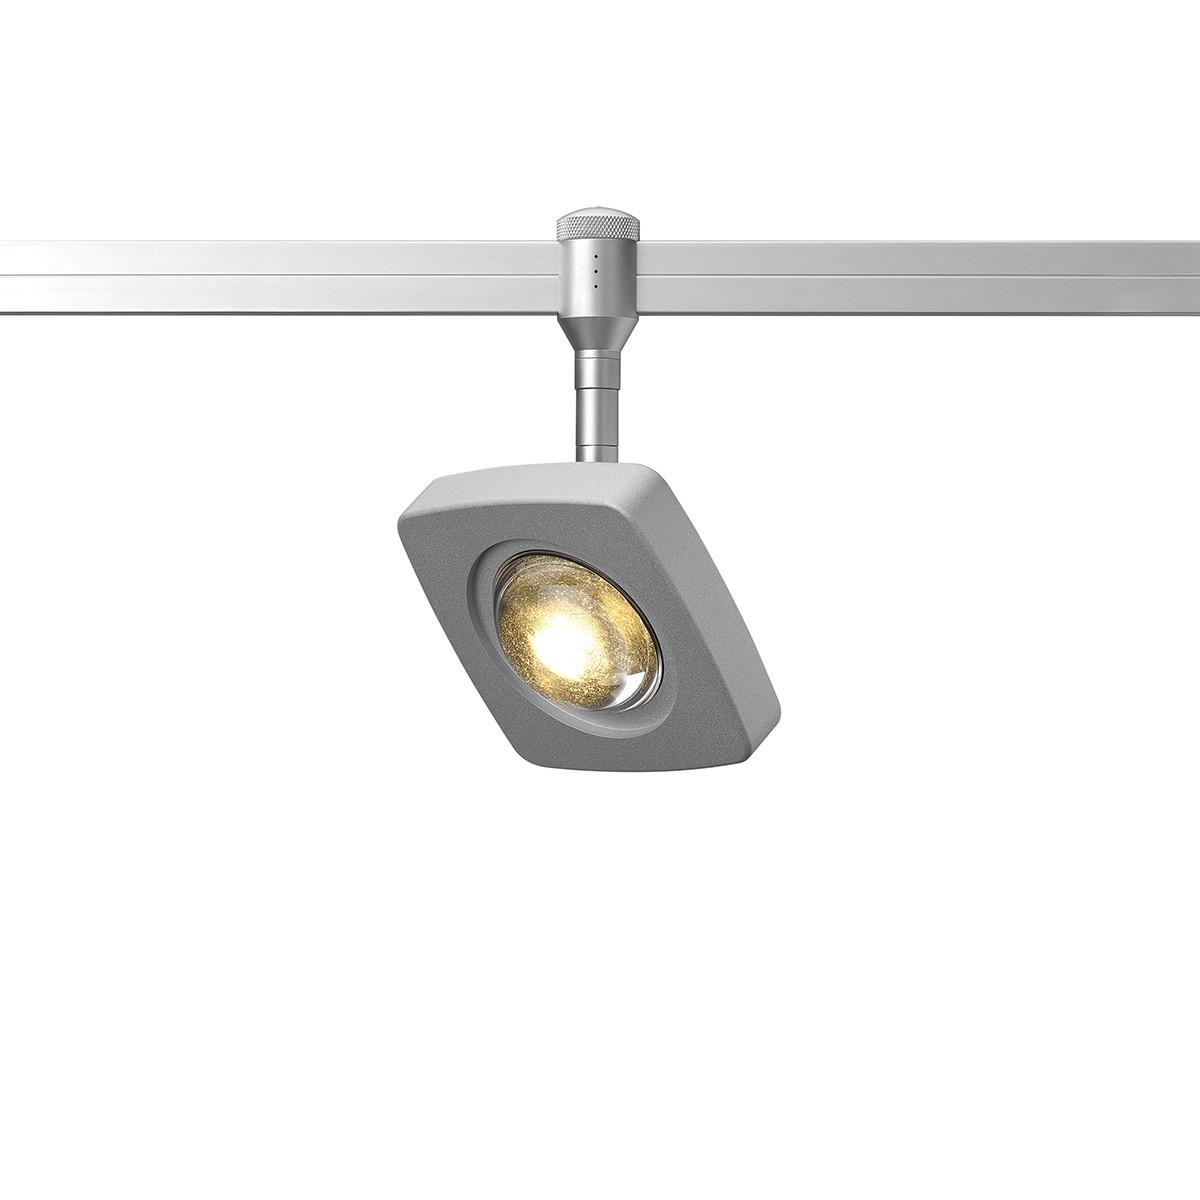 Oligo CHECK-IN Kelveen LED Strahler, Chrom matt